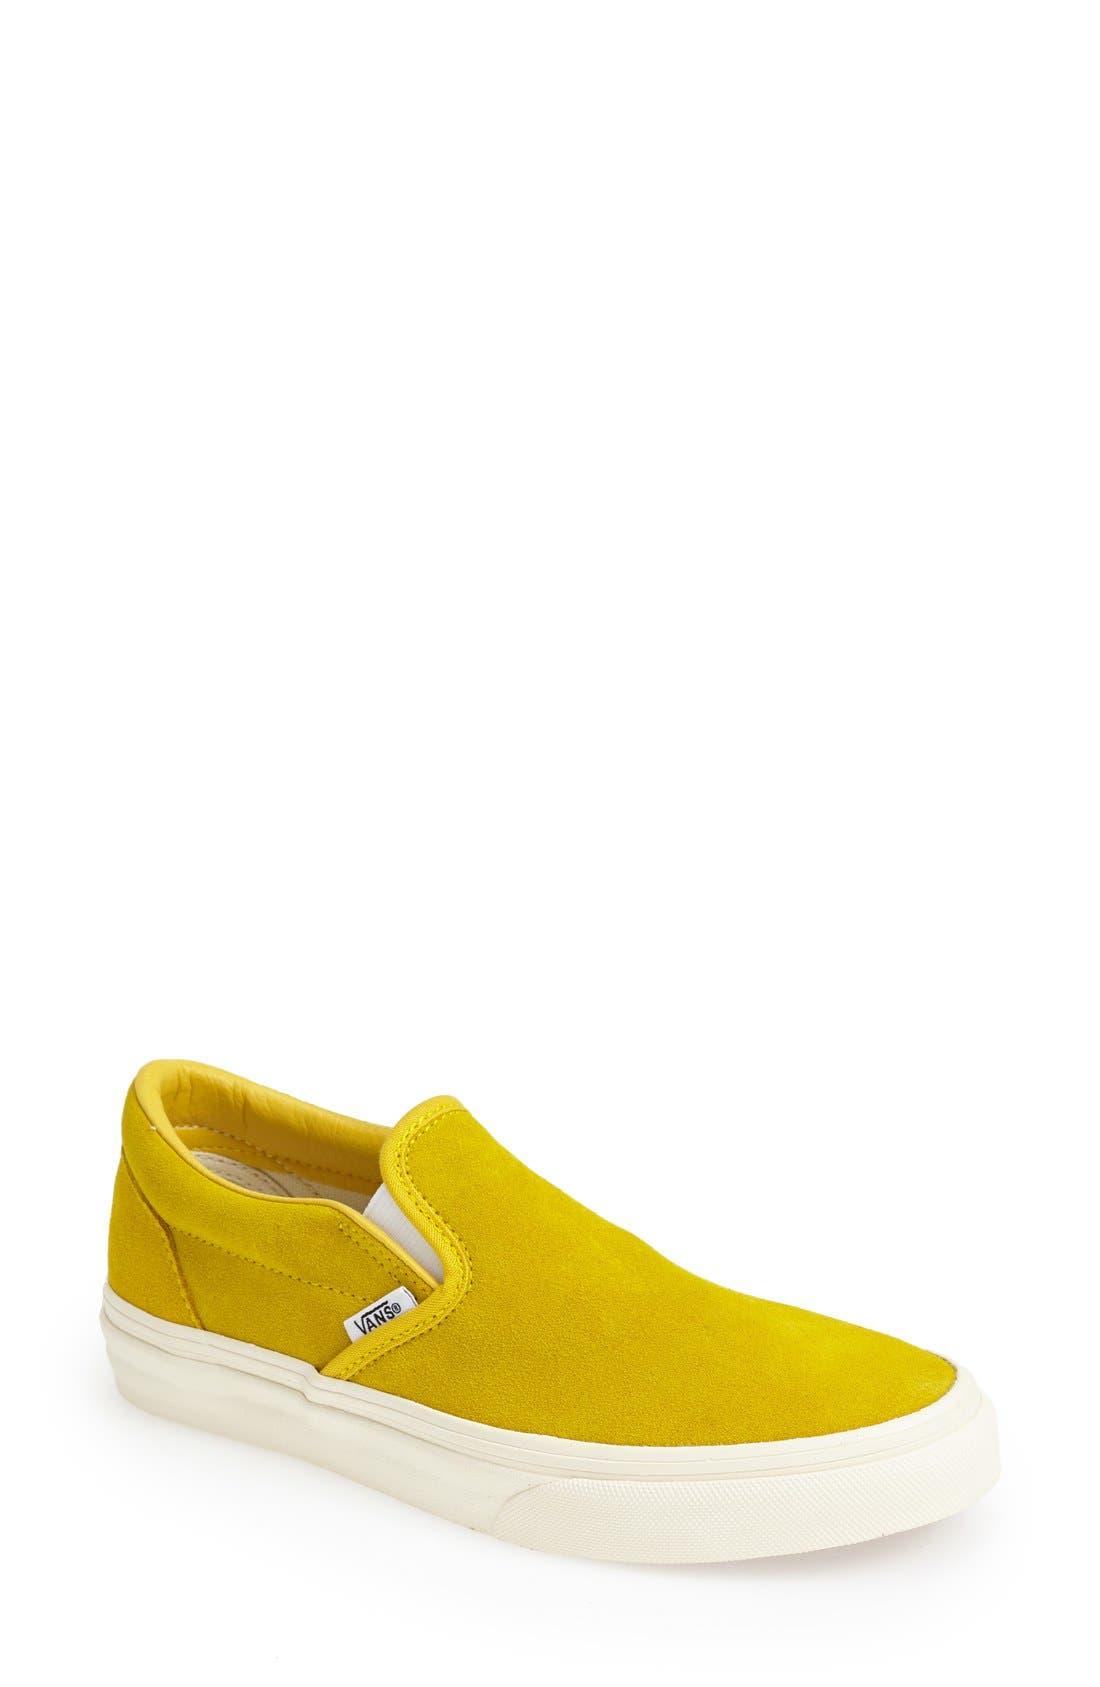 Alternate Image 1 Selected - Vans Suede Slip-On Sneaker (Women)